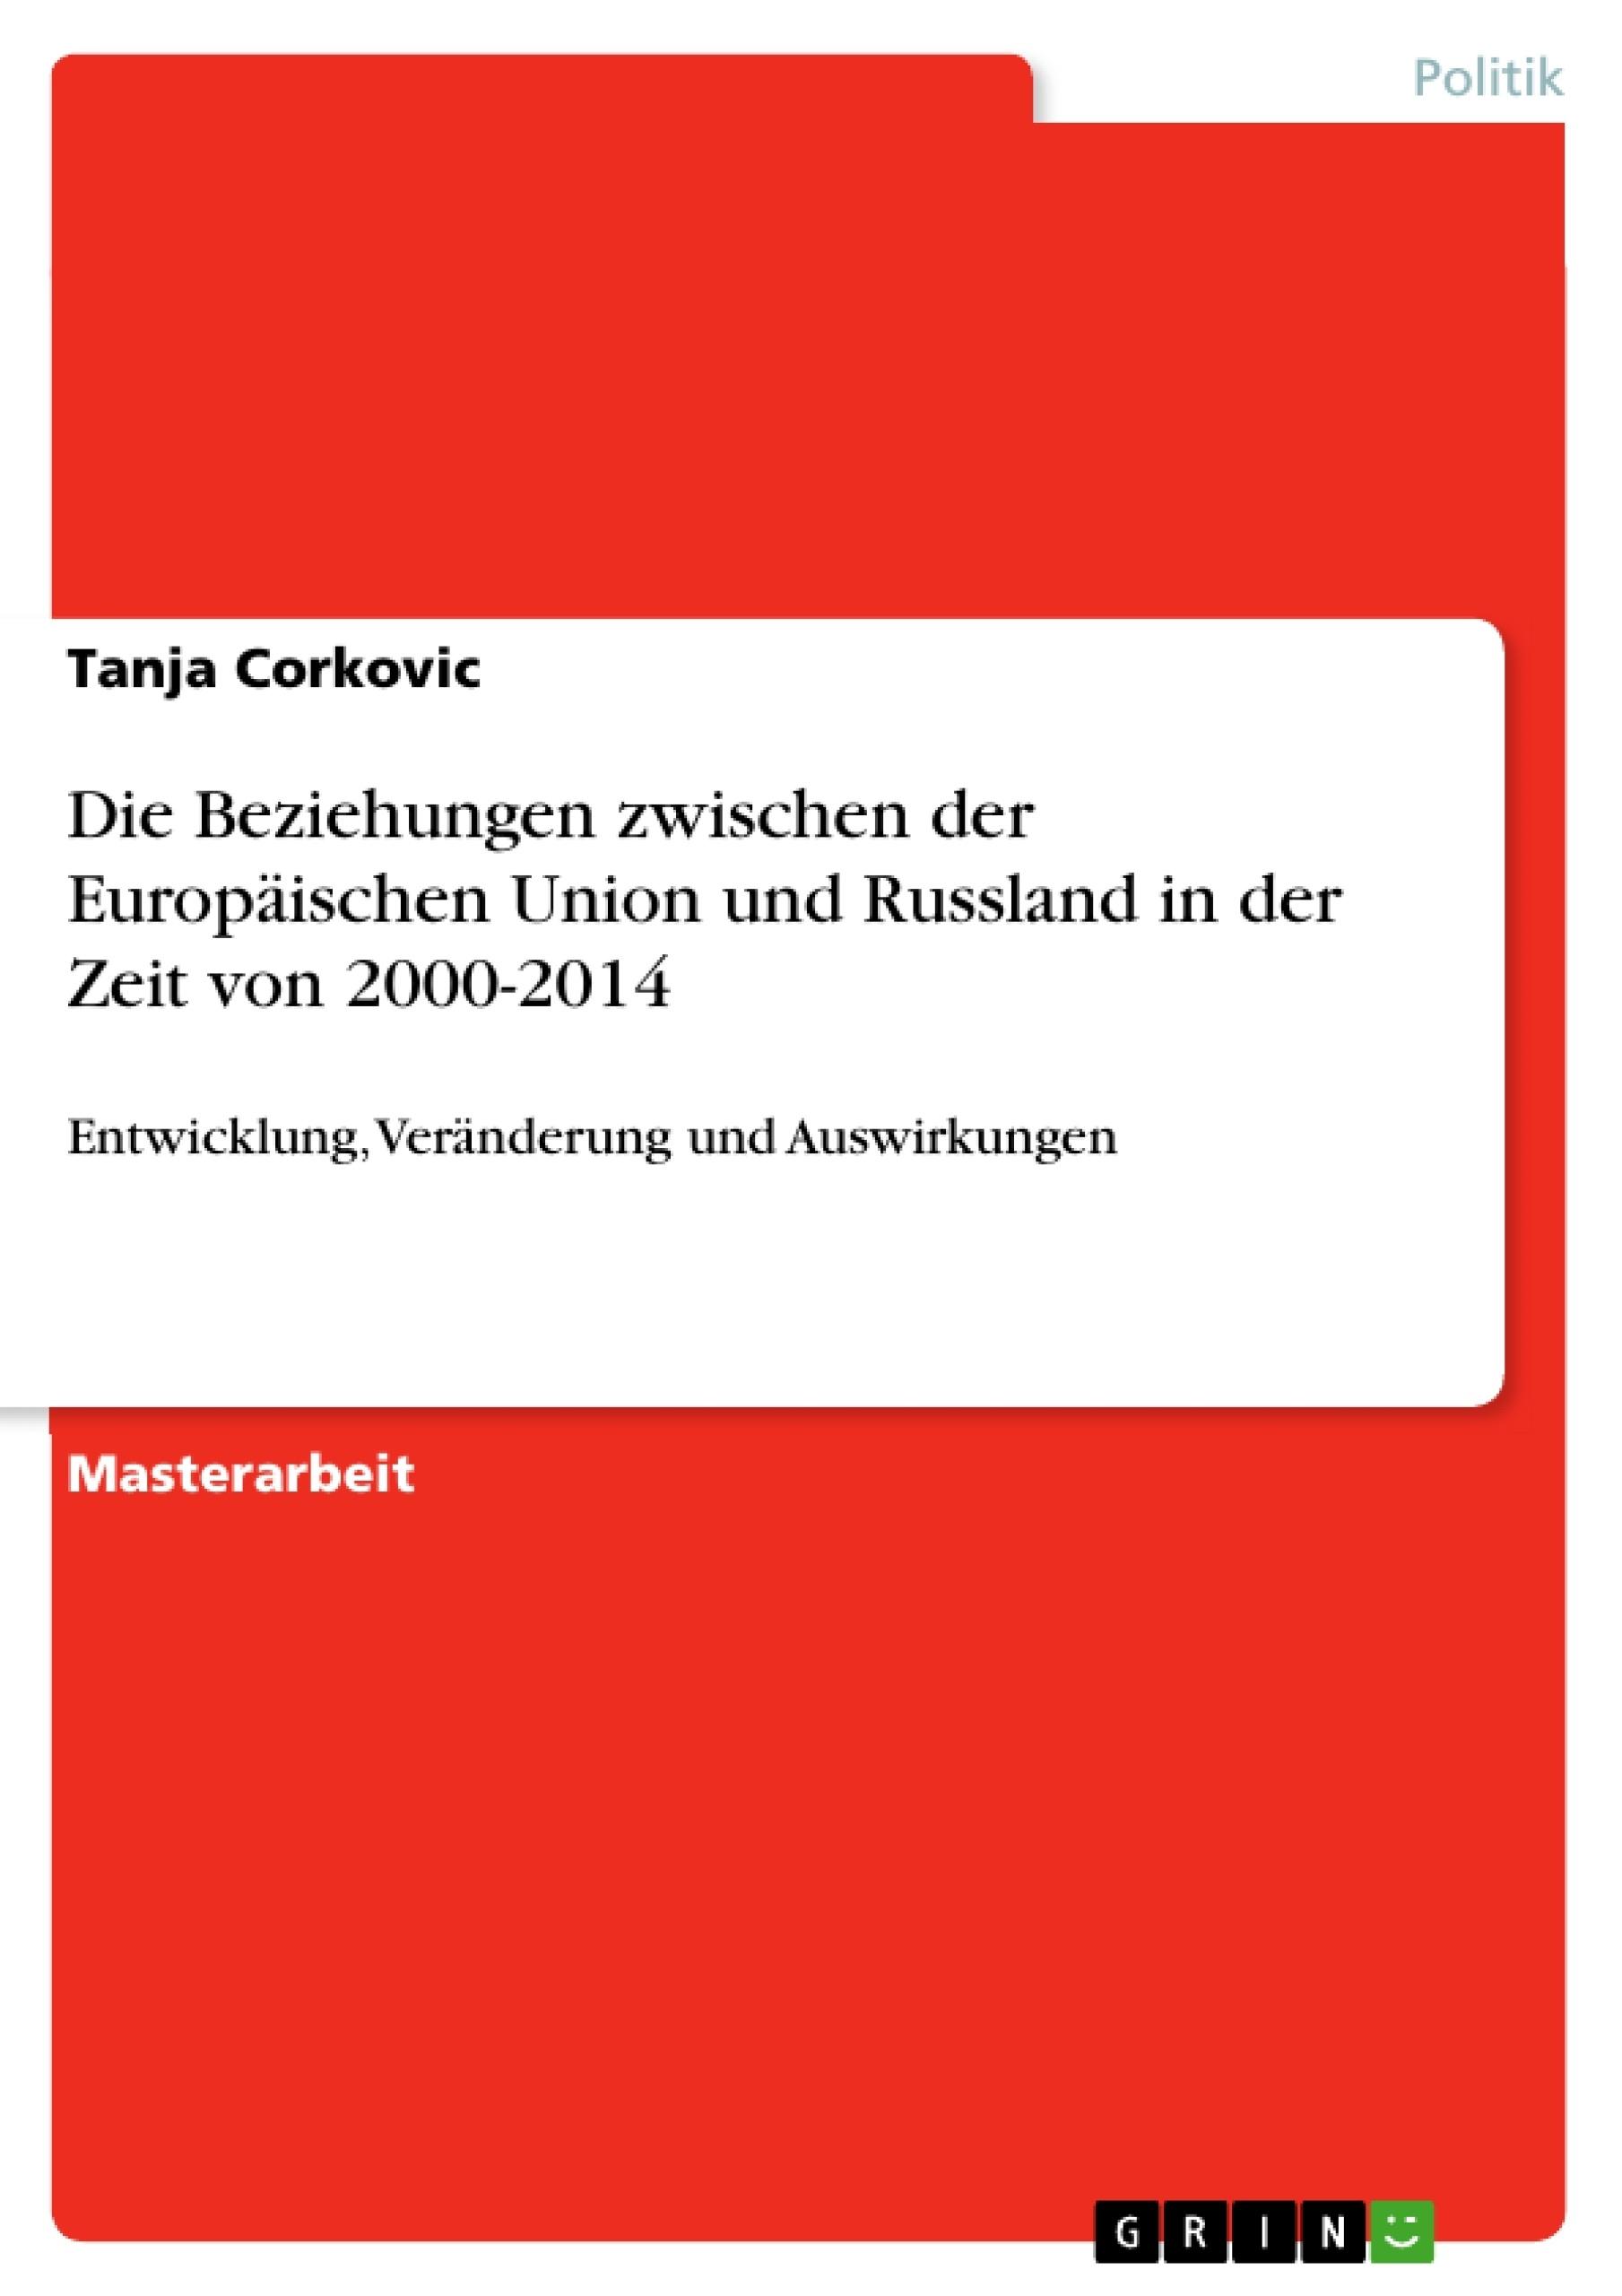 Titel: Die Beziehungen zwischen der Europäischen  Union und Russland in der Zeit von 2000-2014